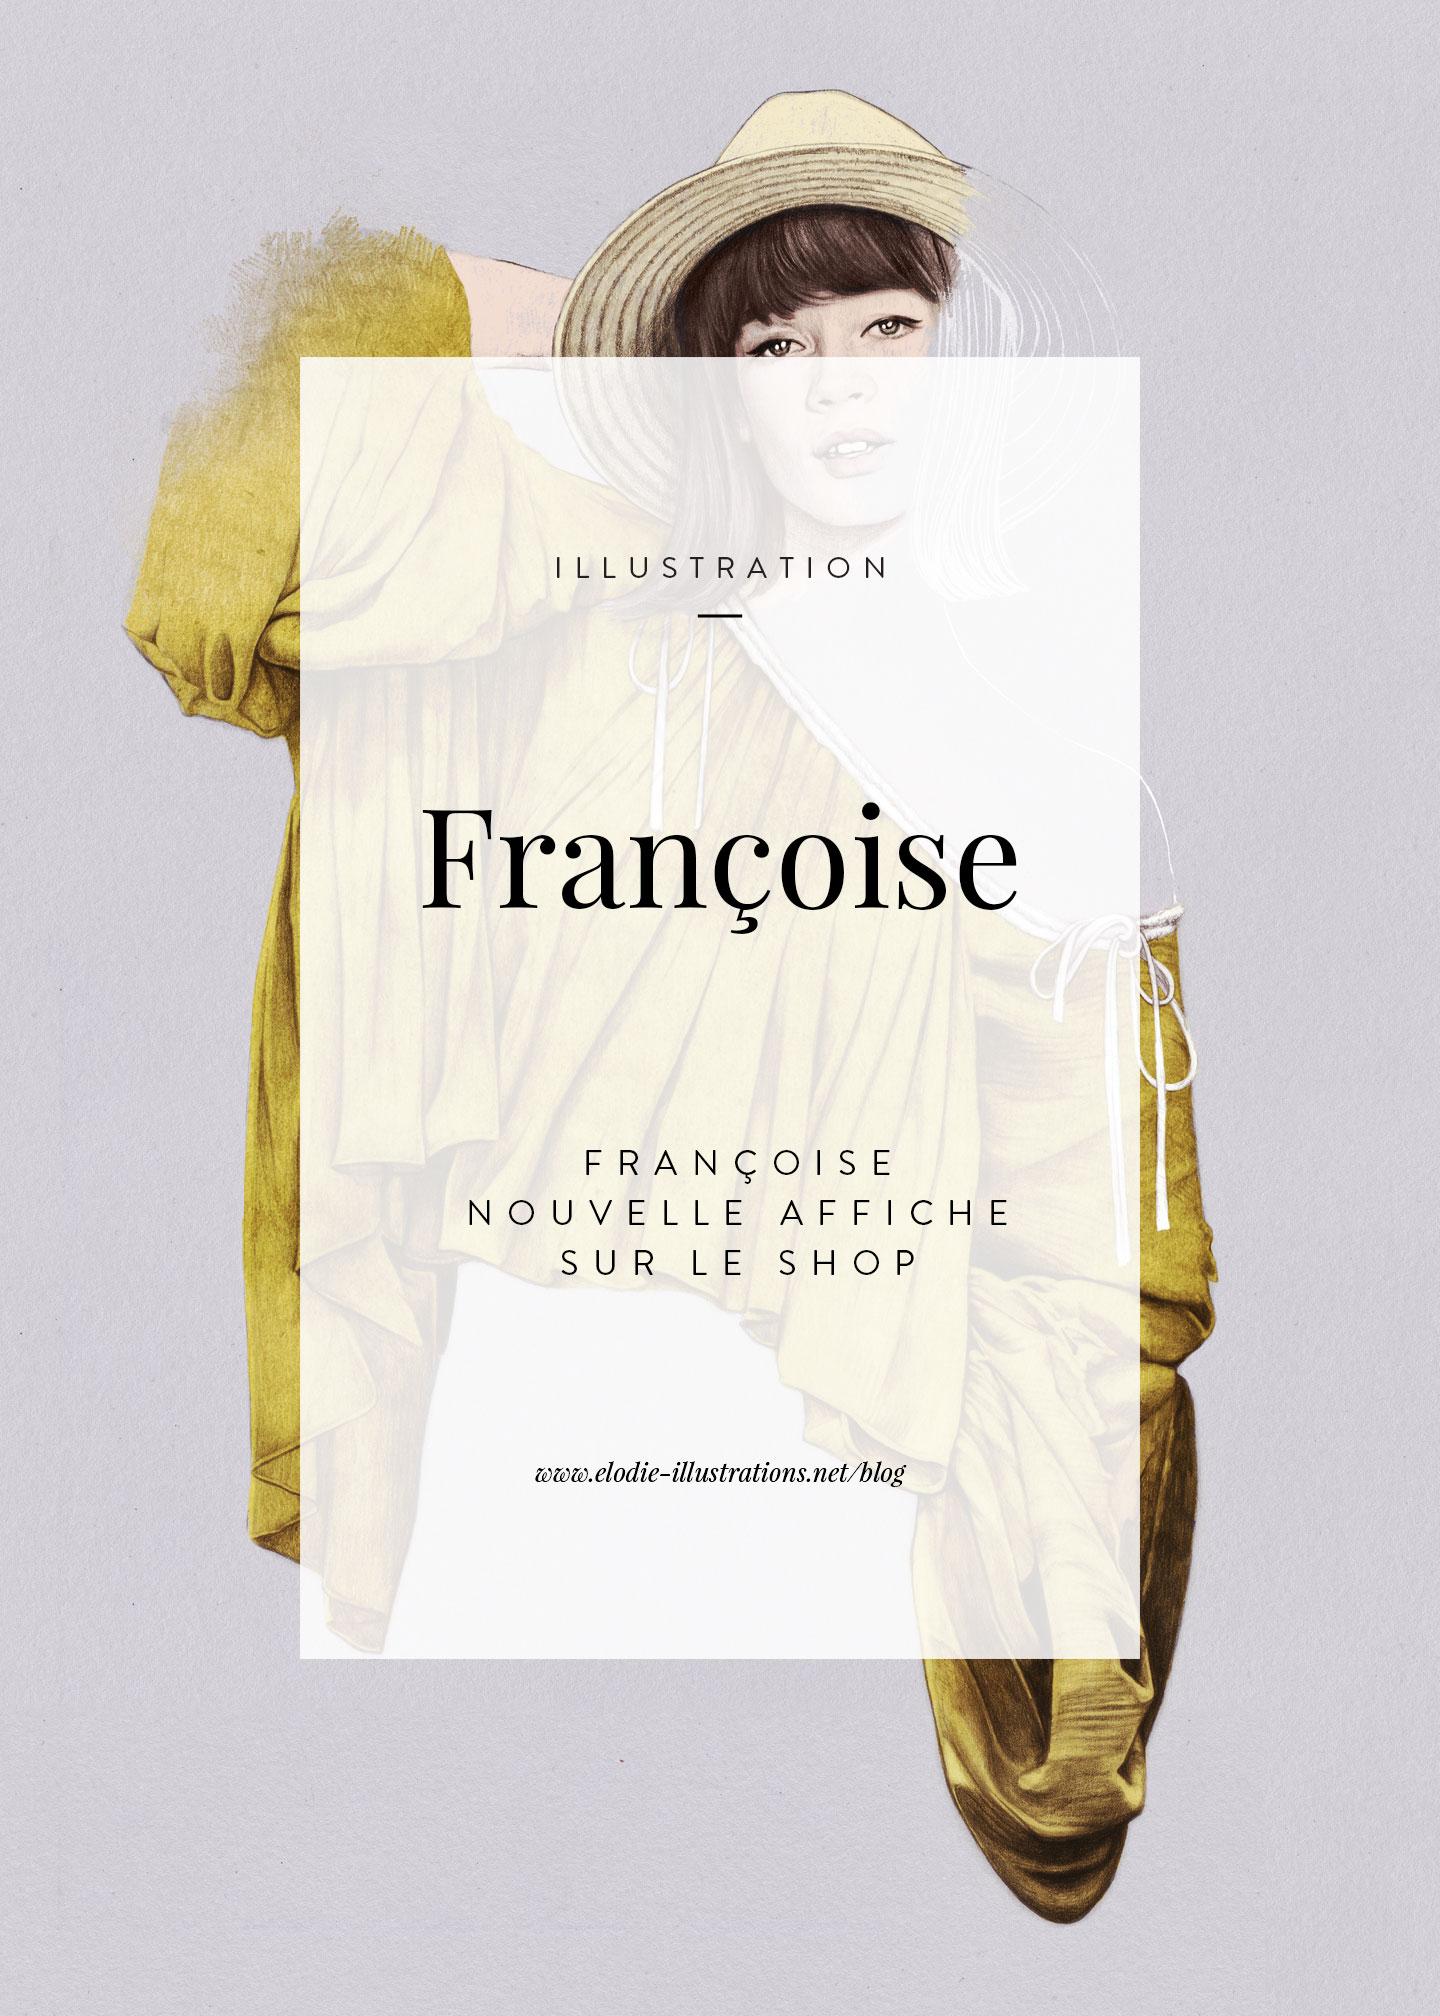 Françoise| Nouvelle affiche inspirée de Françoise Hardy disponible sur le shop. - Cliquez pour découvrir l'article